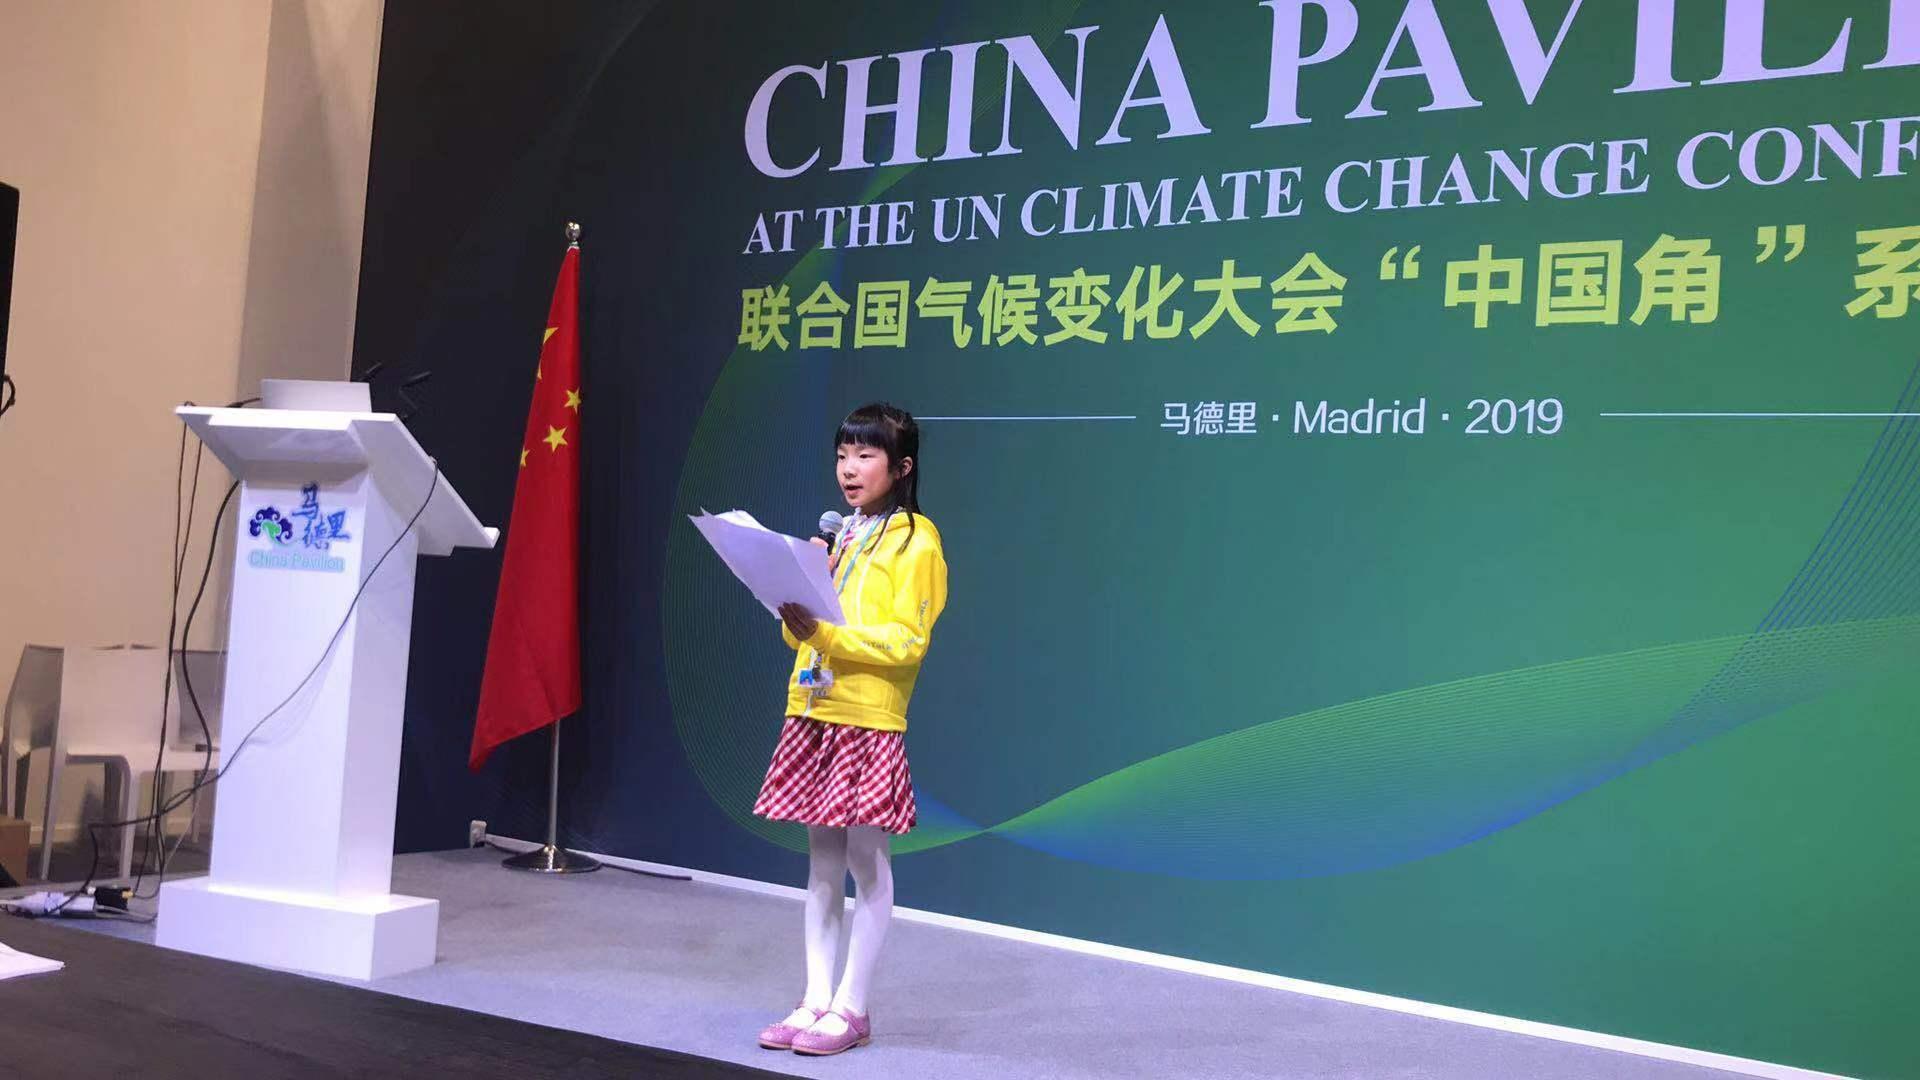 ▲第25届联合国气候变化大会现场,黎子琳进行演讲